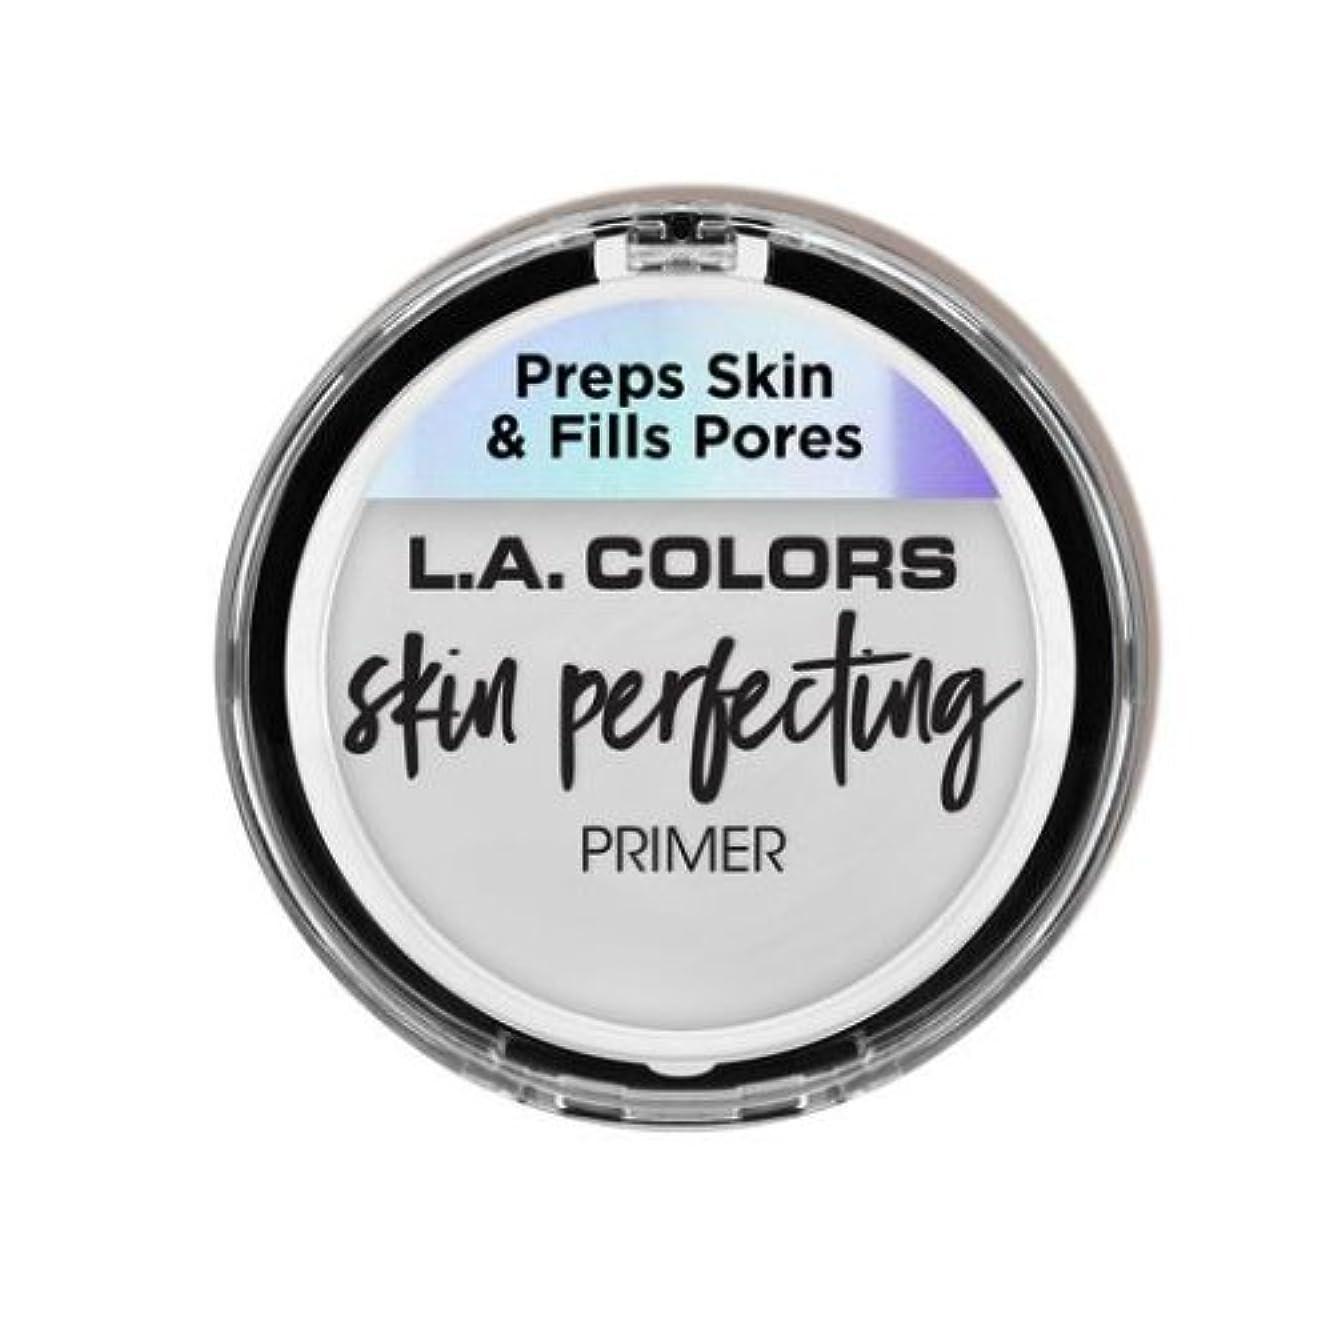 とティームファンタジーおしゃれな(3 Pack) L.A. COLORS Skin Perfecting Primer - Clear (並行輸入品)